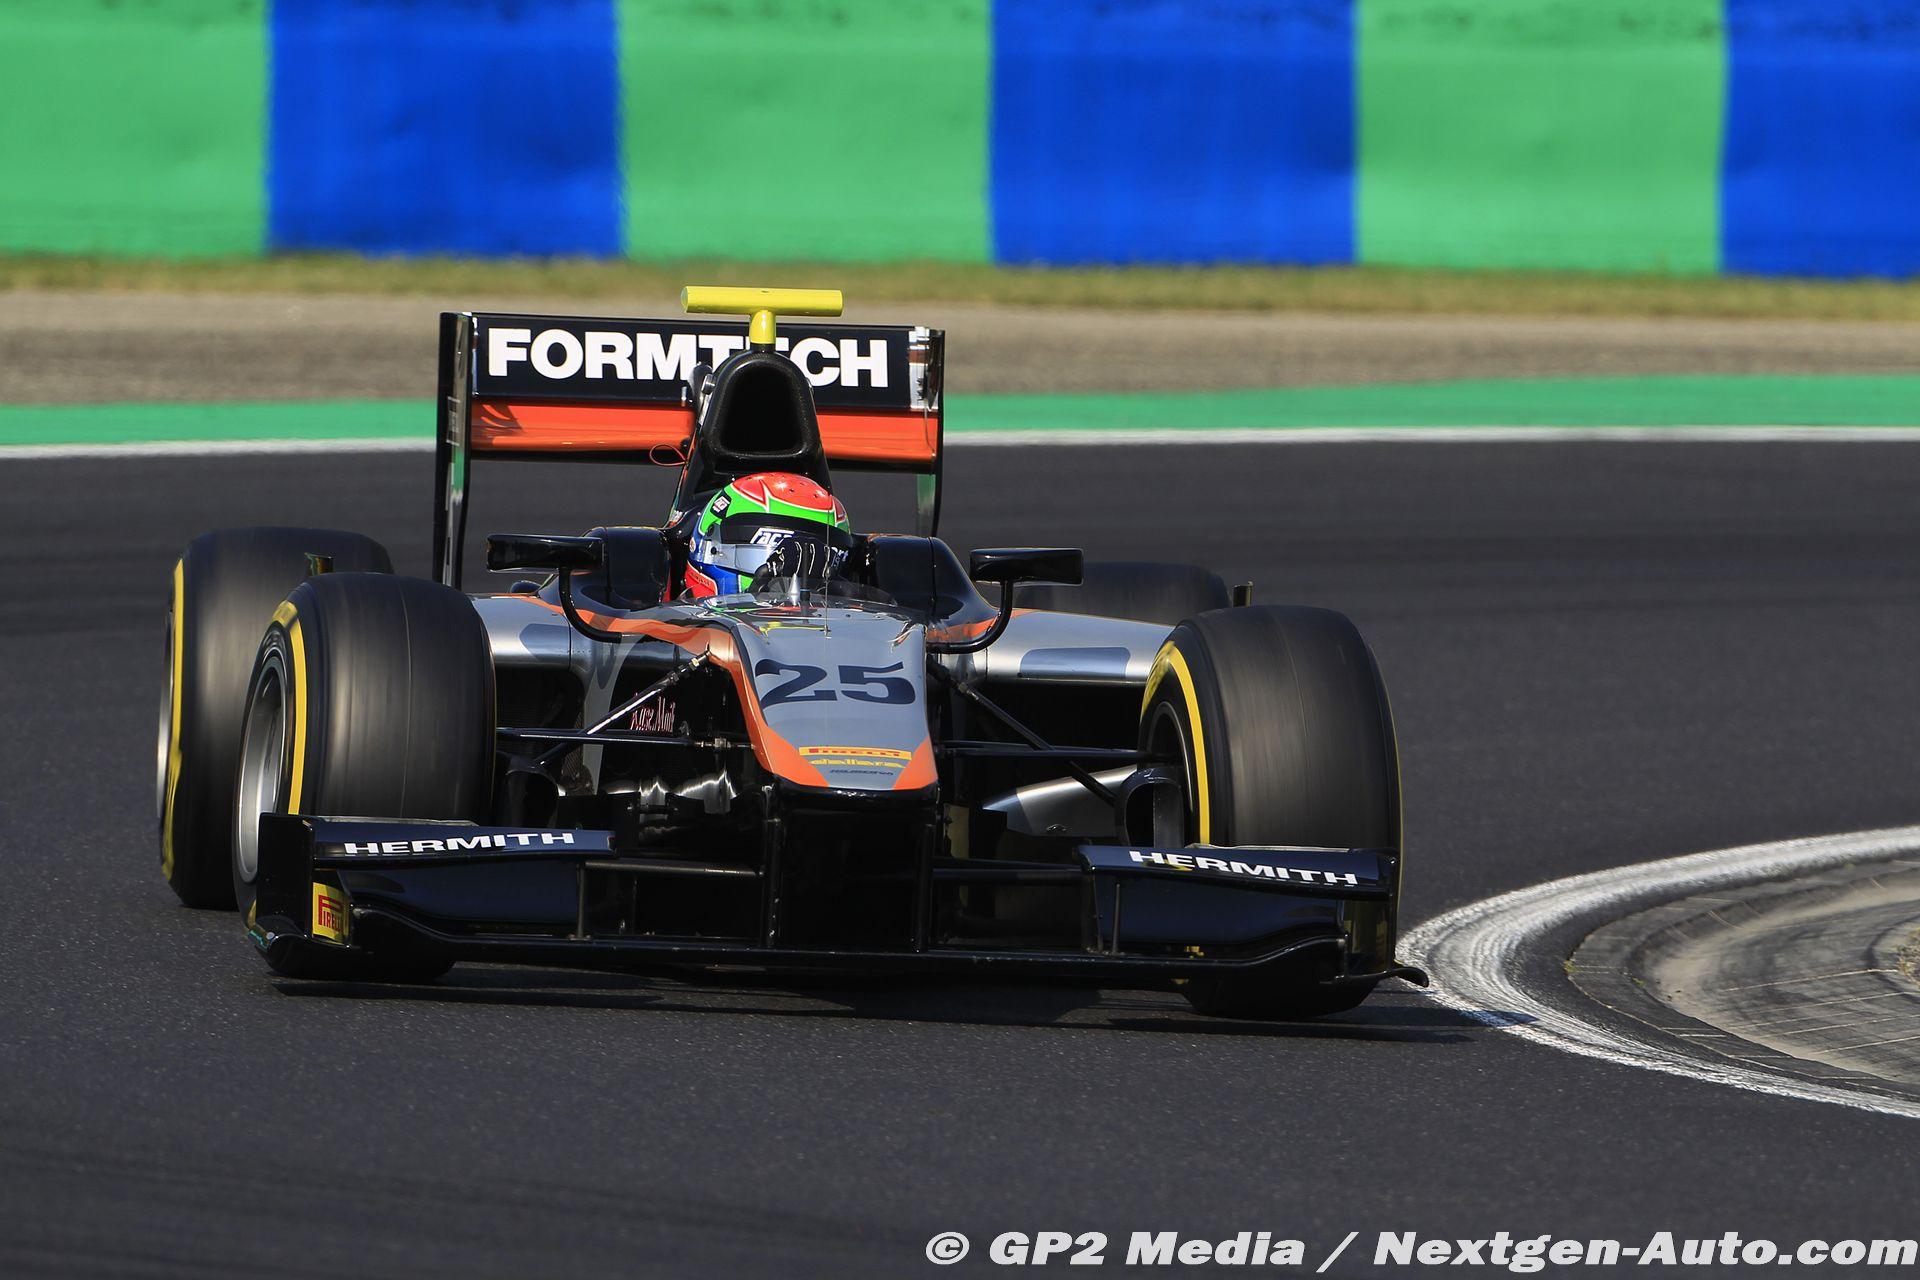 2015 GP2 Hongrie - Hilmer Motorsport - Sergio Canamasas